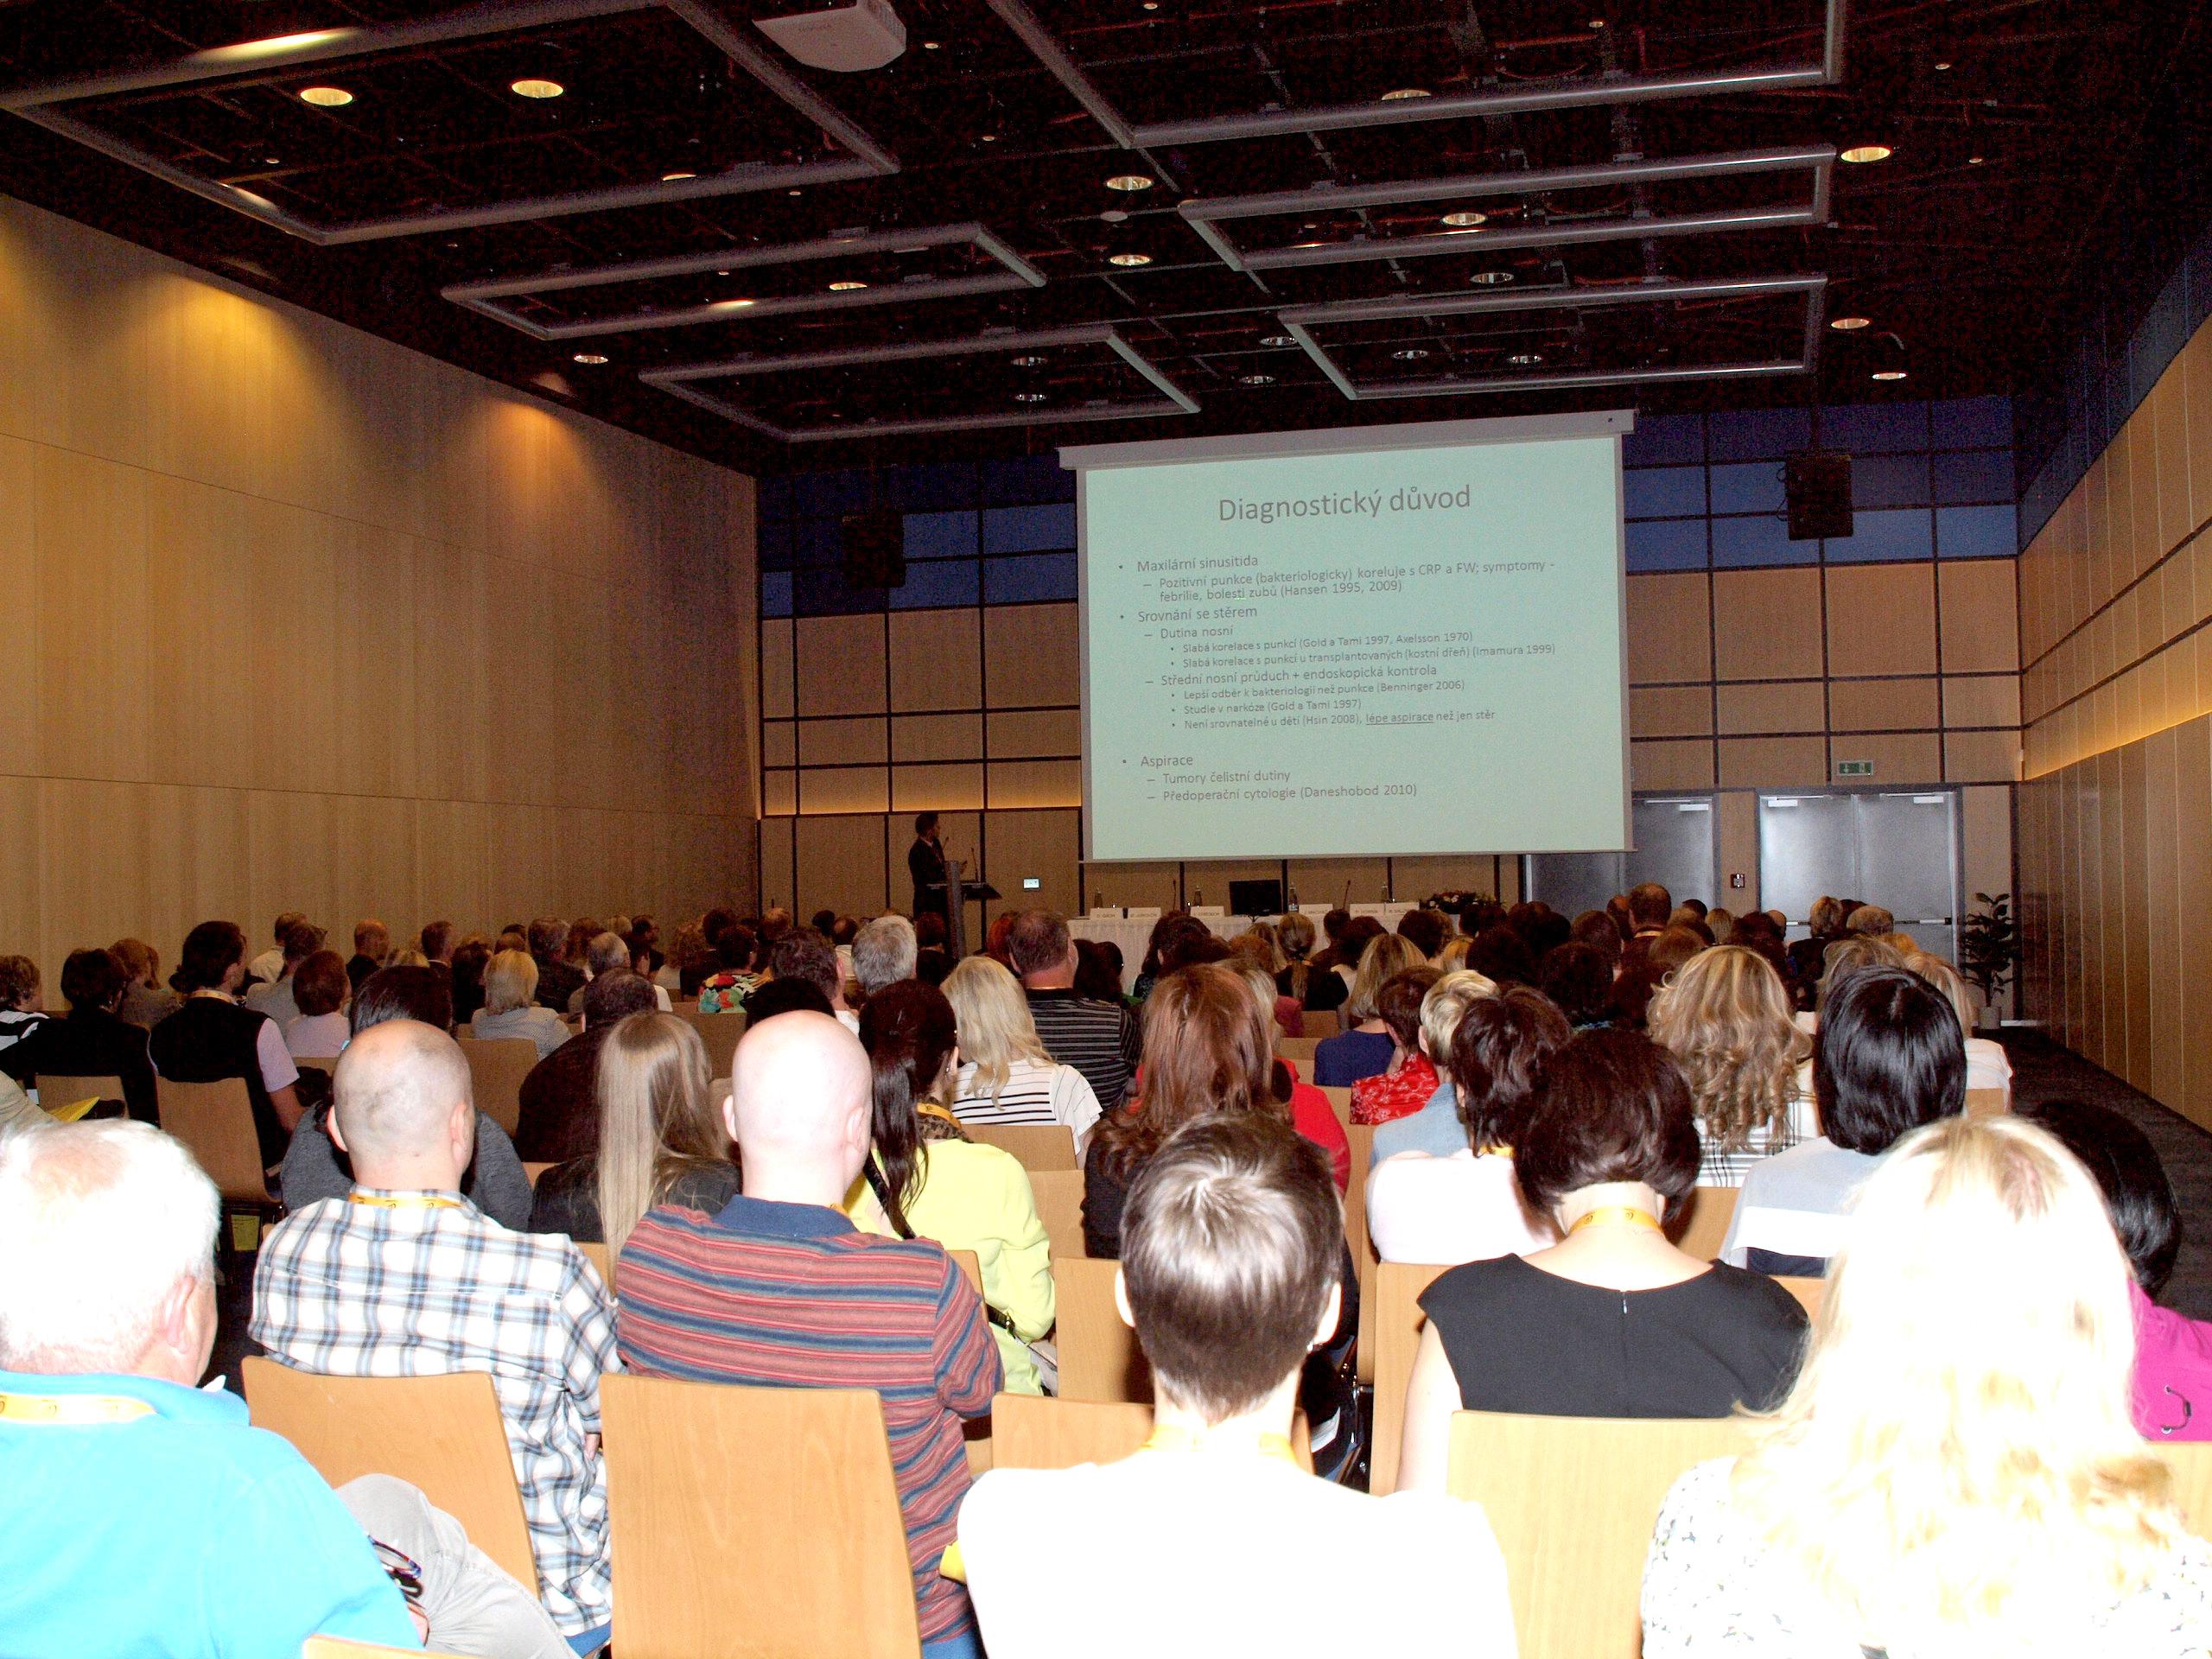 Přednášky v kongresovém centru